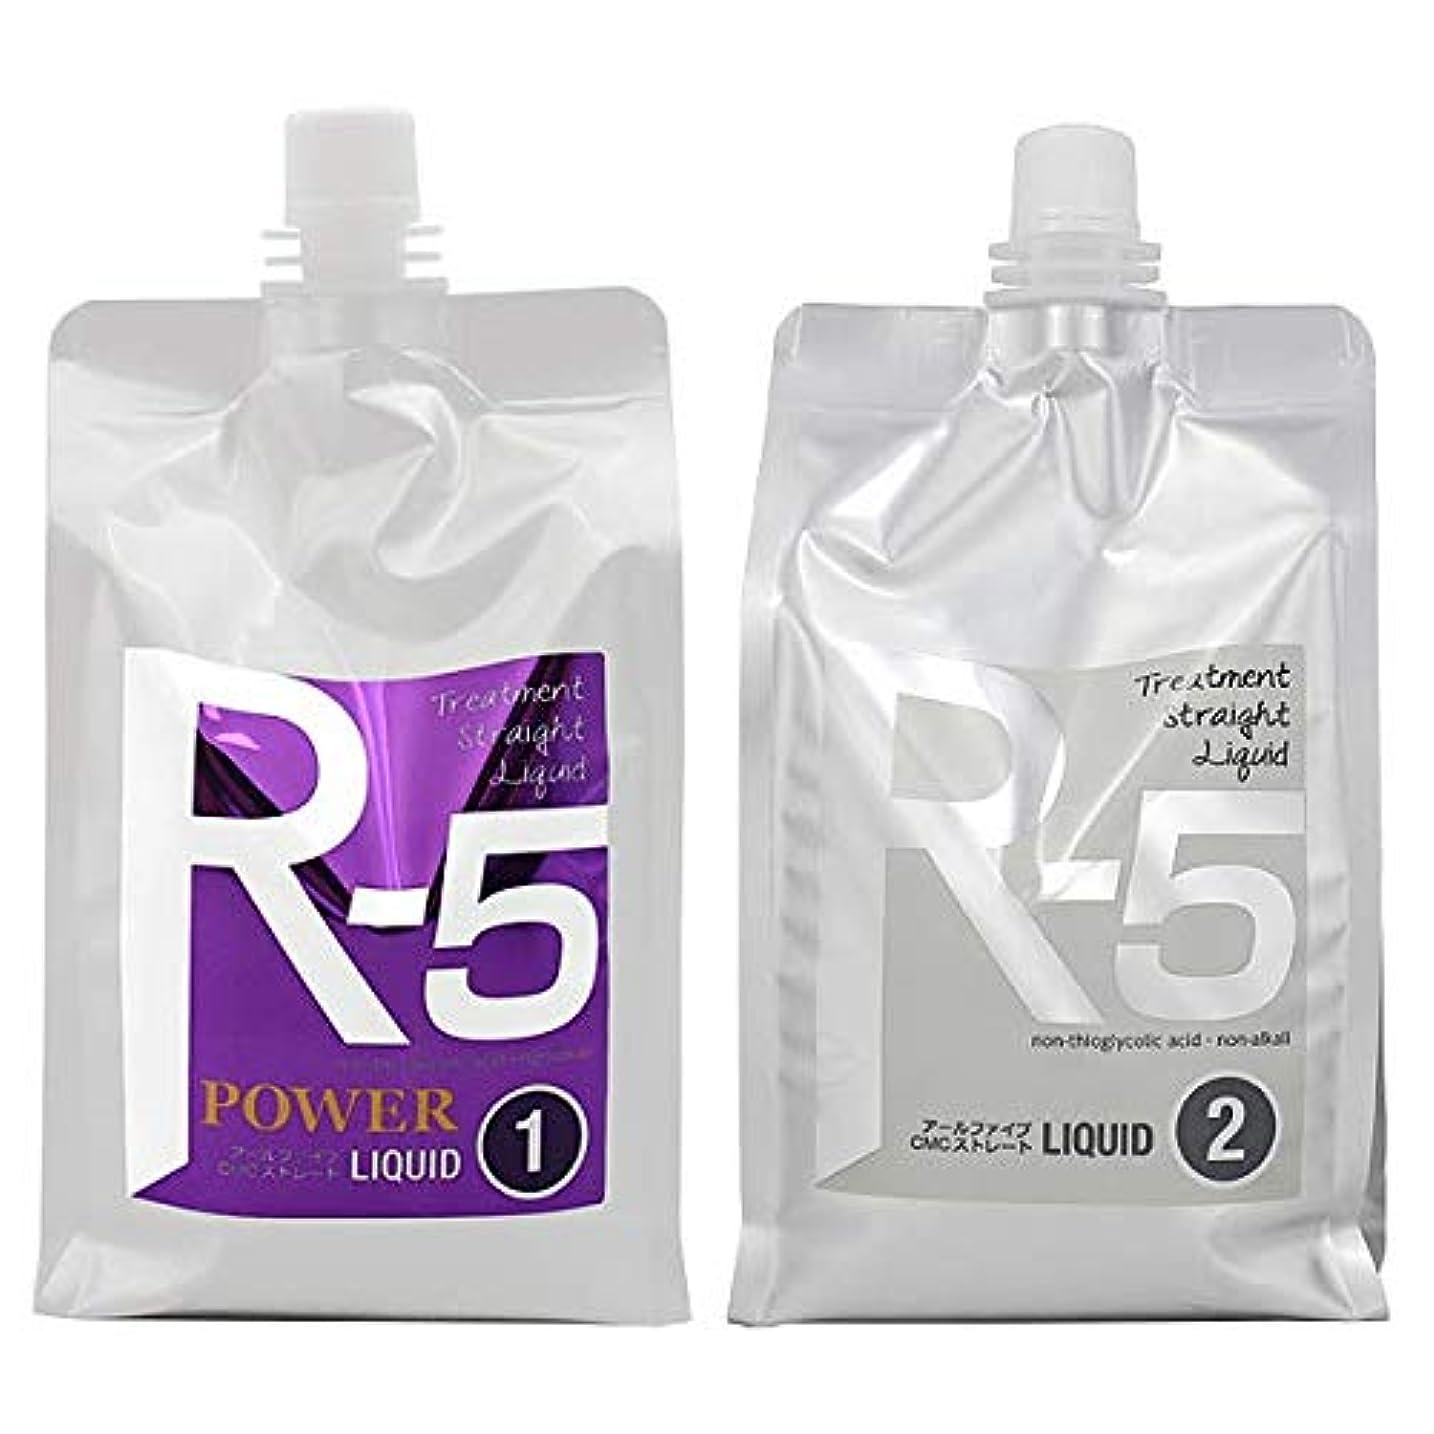 報復ビル持つCMCトリートメントストレート R-5 パープル(パワー) ストレート剤